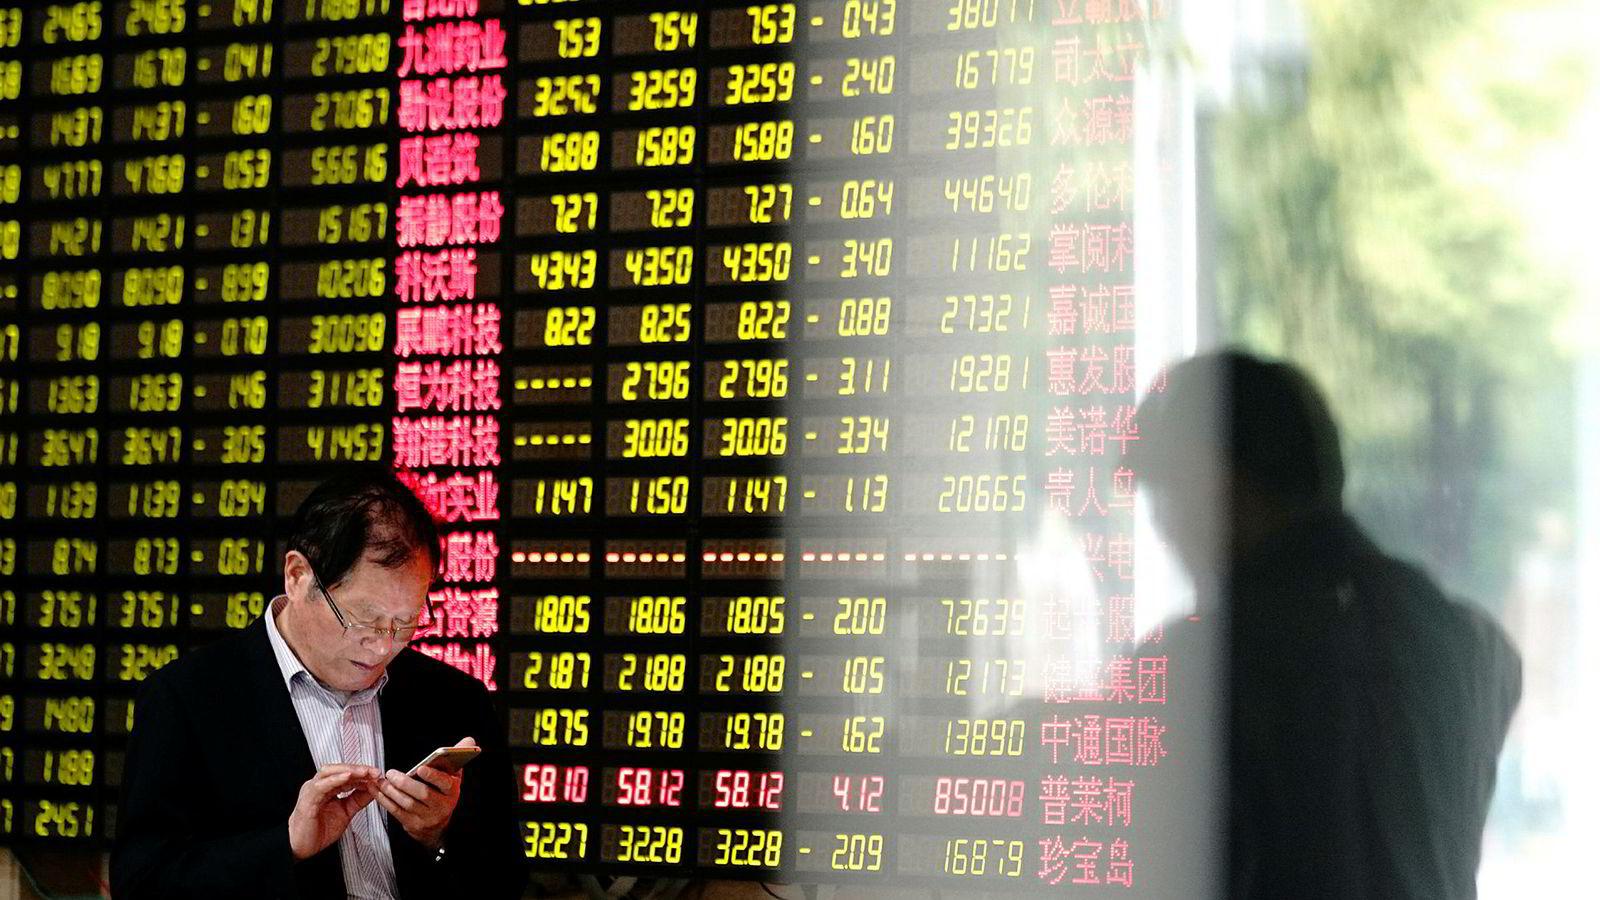 Kinesiske og amerikanske børser har lagt bak seg et solid halvår. Amerikanske finansinstitusjoner tror det kommer en korreksjon i USA. Det kan gjøre det enklere å få til en handelsavtale.